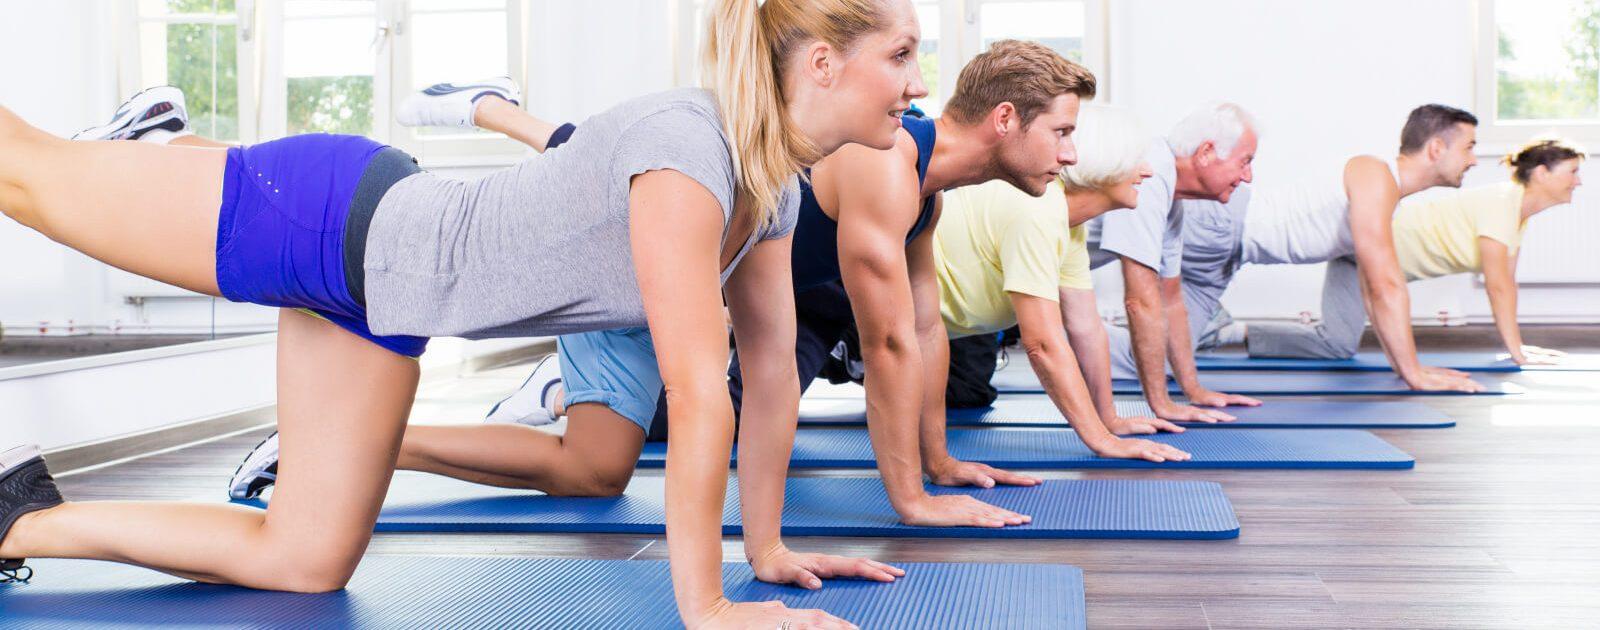 Vor dem Sport sollte man Dehnübungen zur Prävention von Rückenschmerzen machen